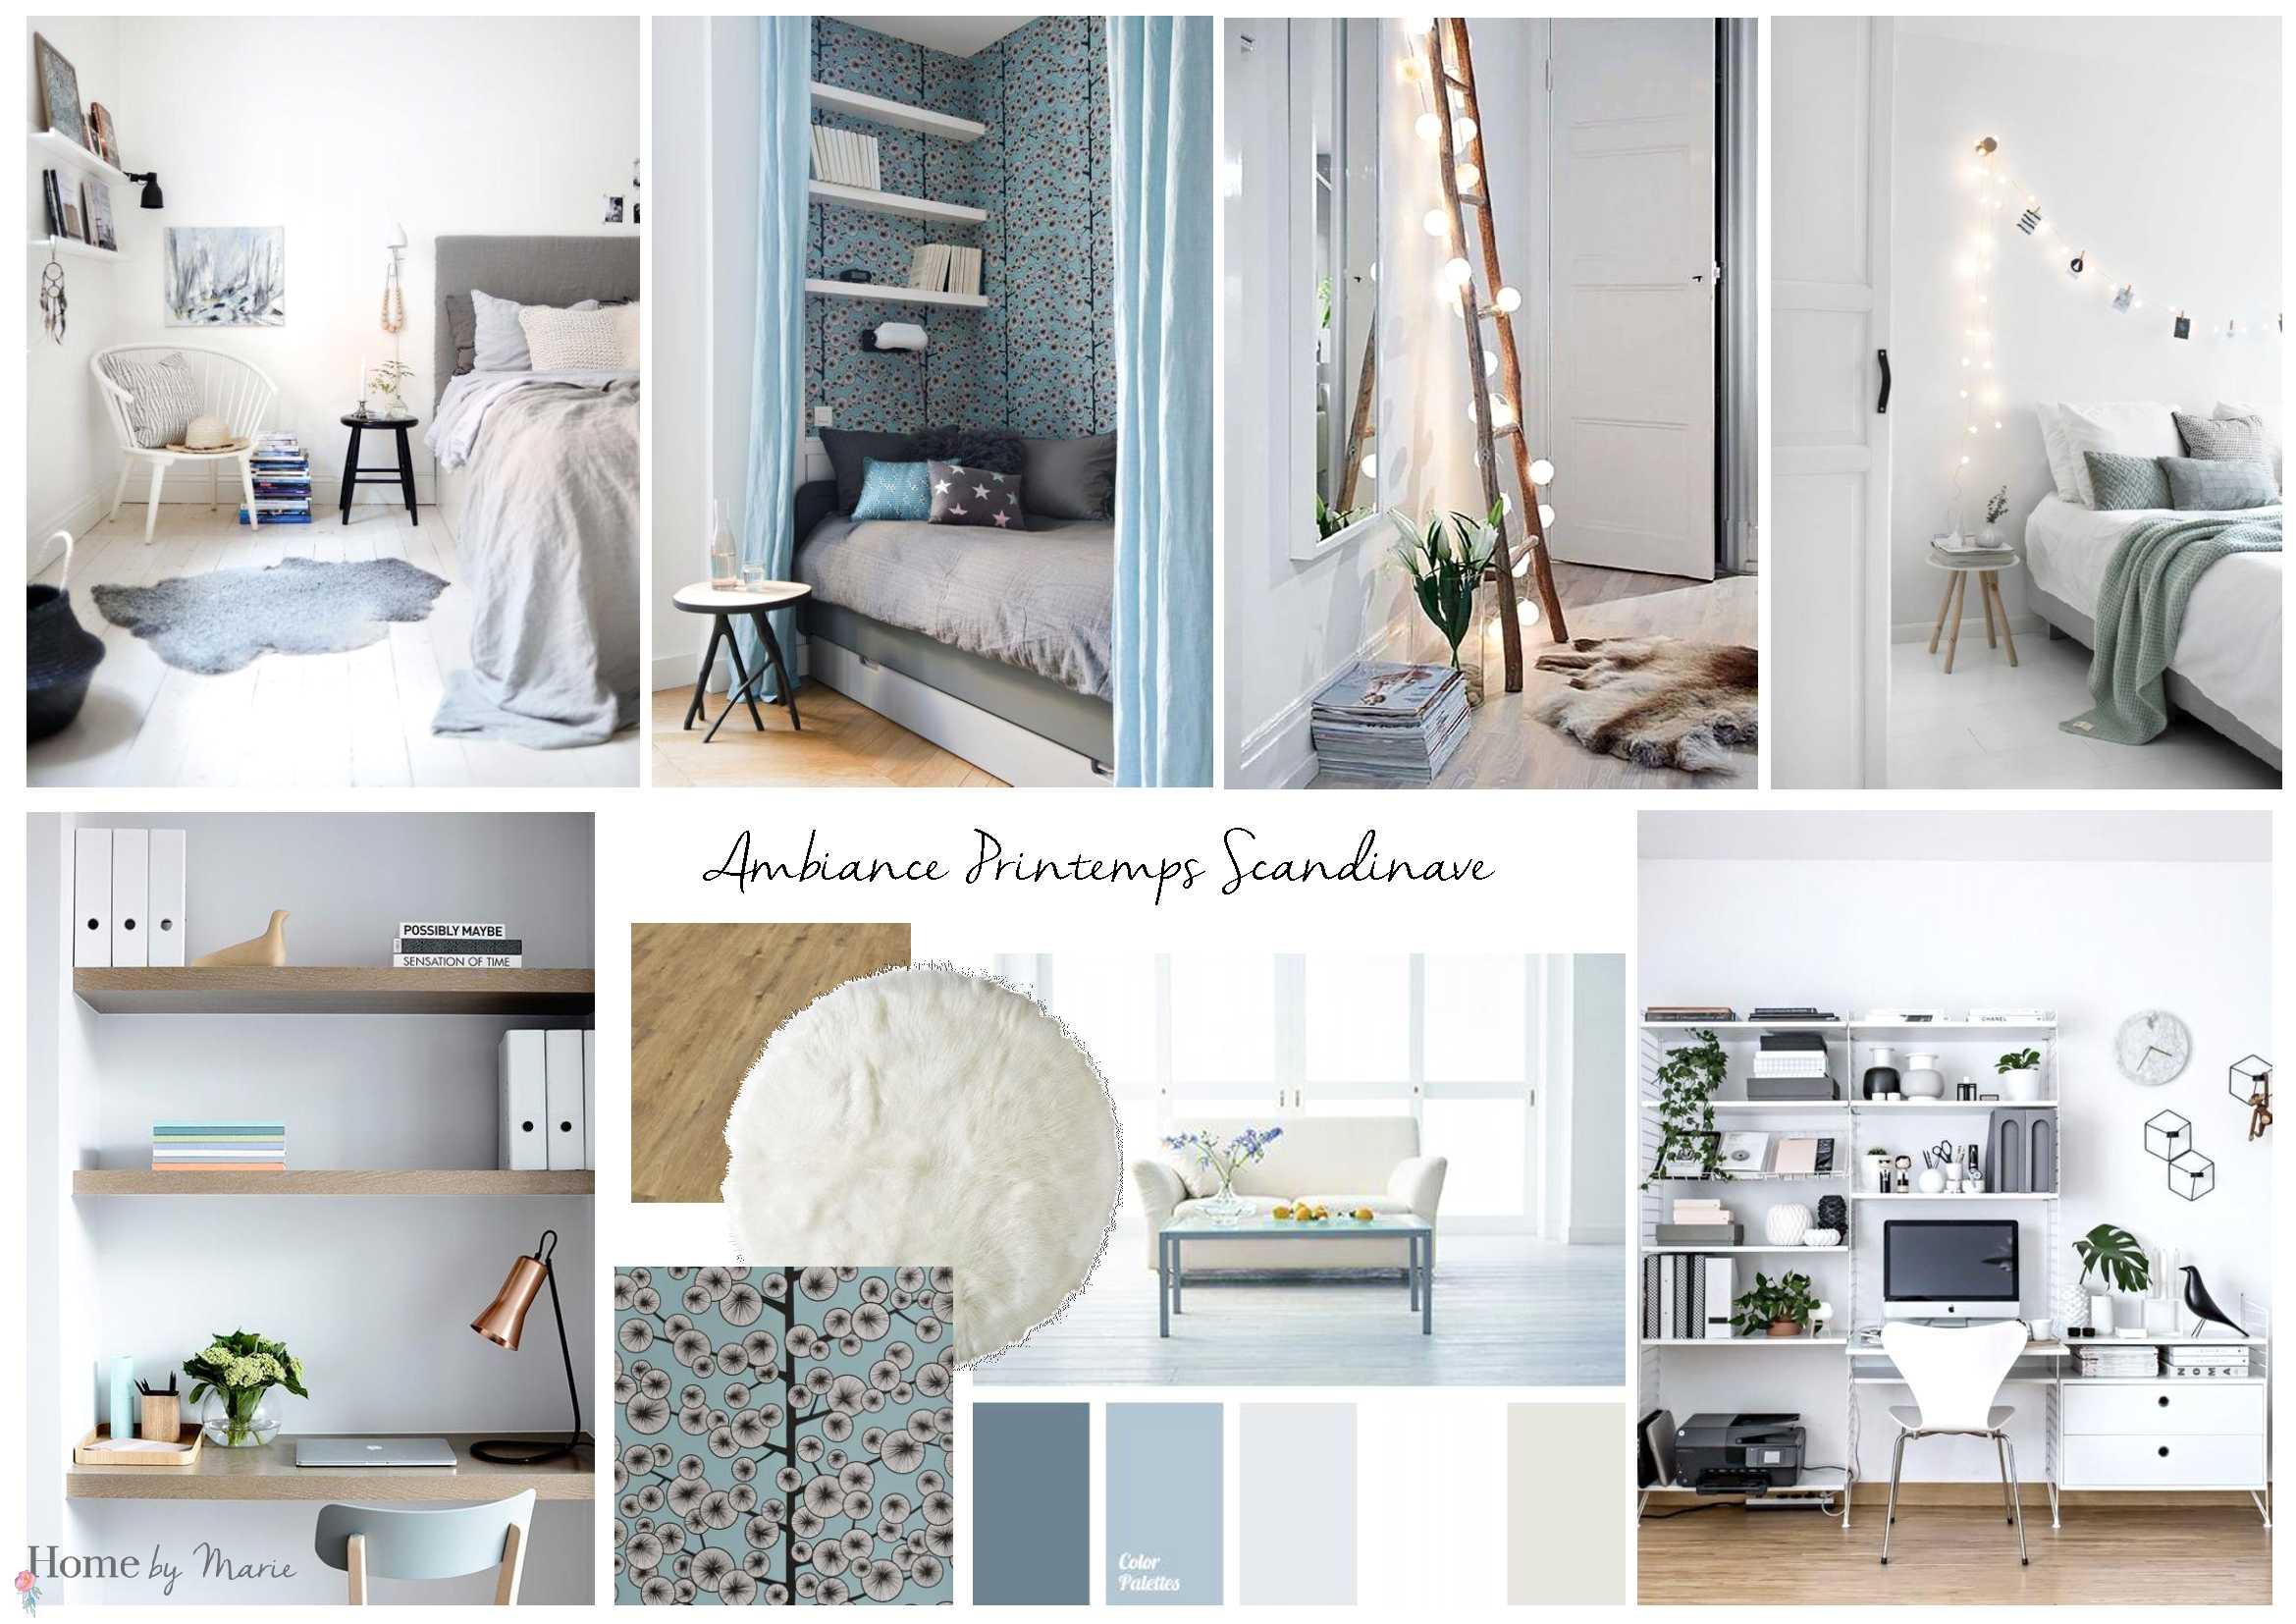 Une chambre d\'amis au style Printemps Scandinave - Home by Marie